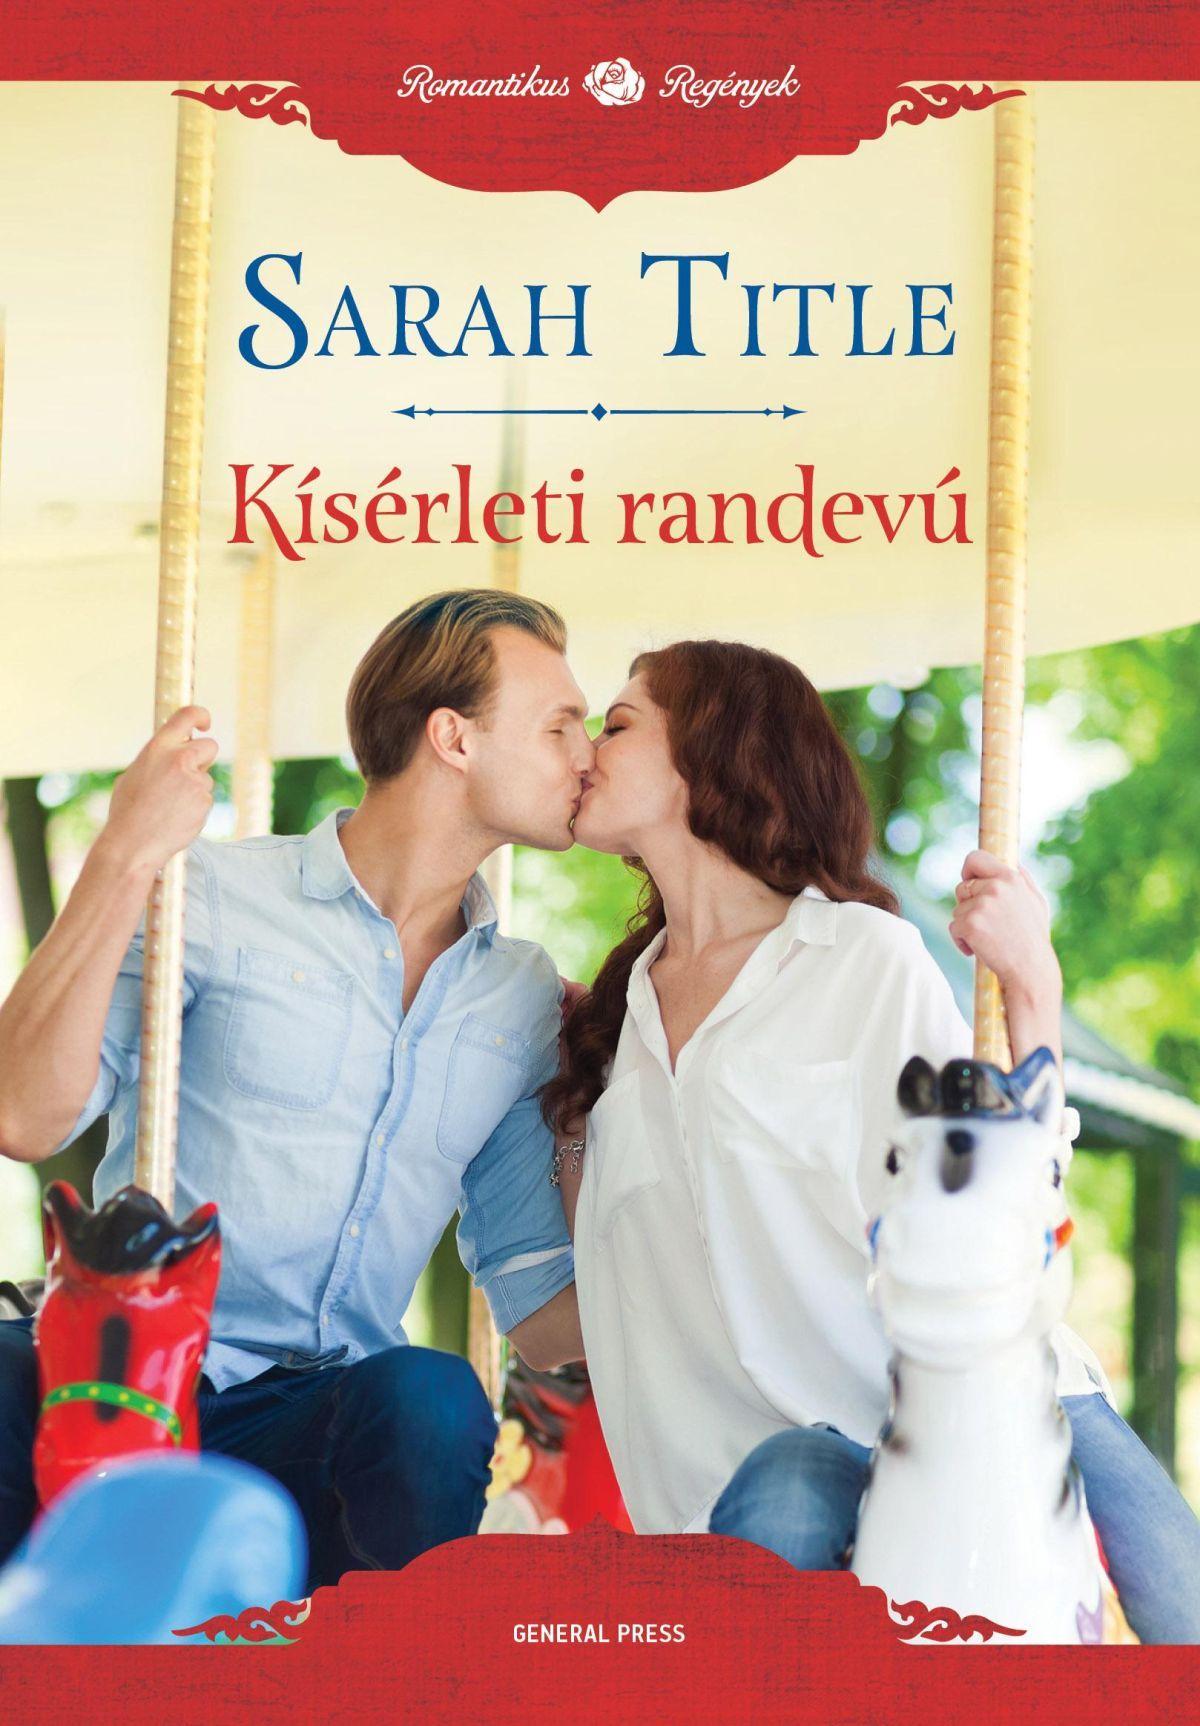 randi kisváros lány vicces nyitó sorok randevúk